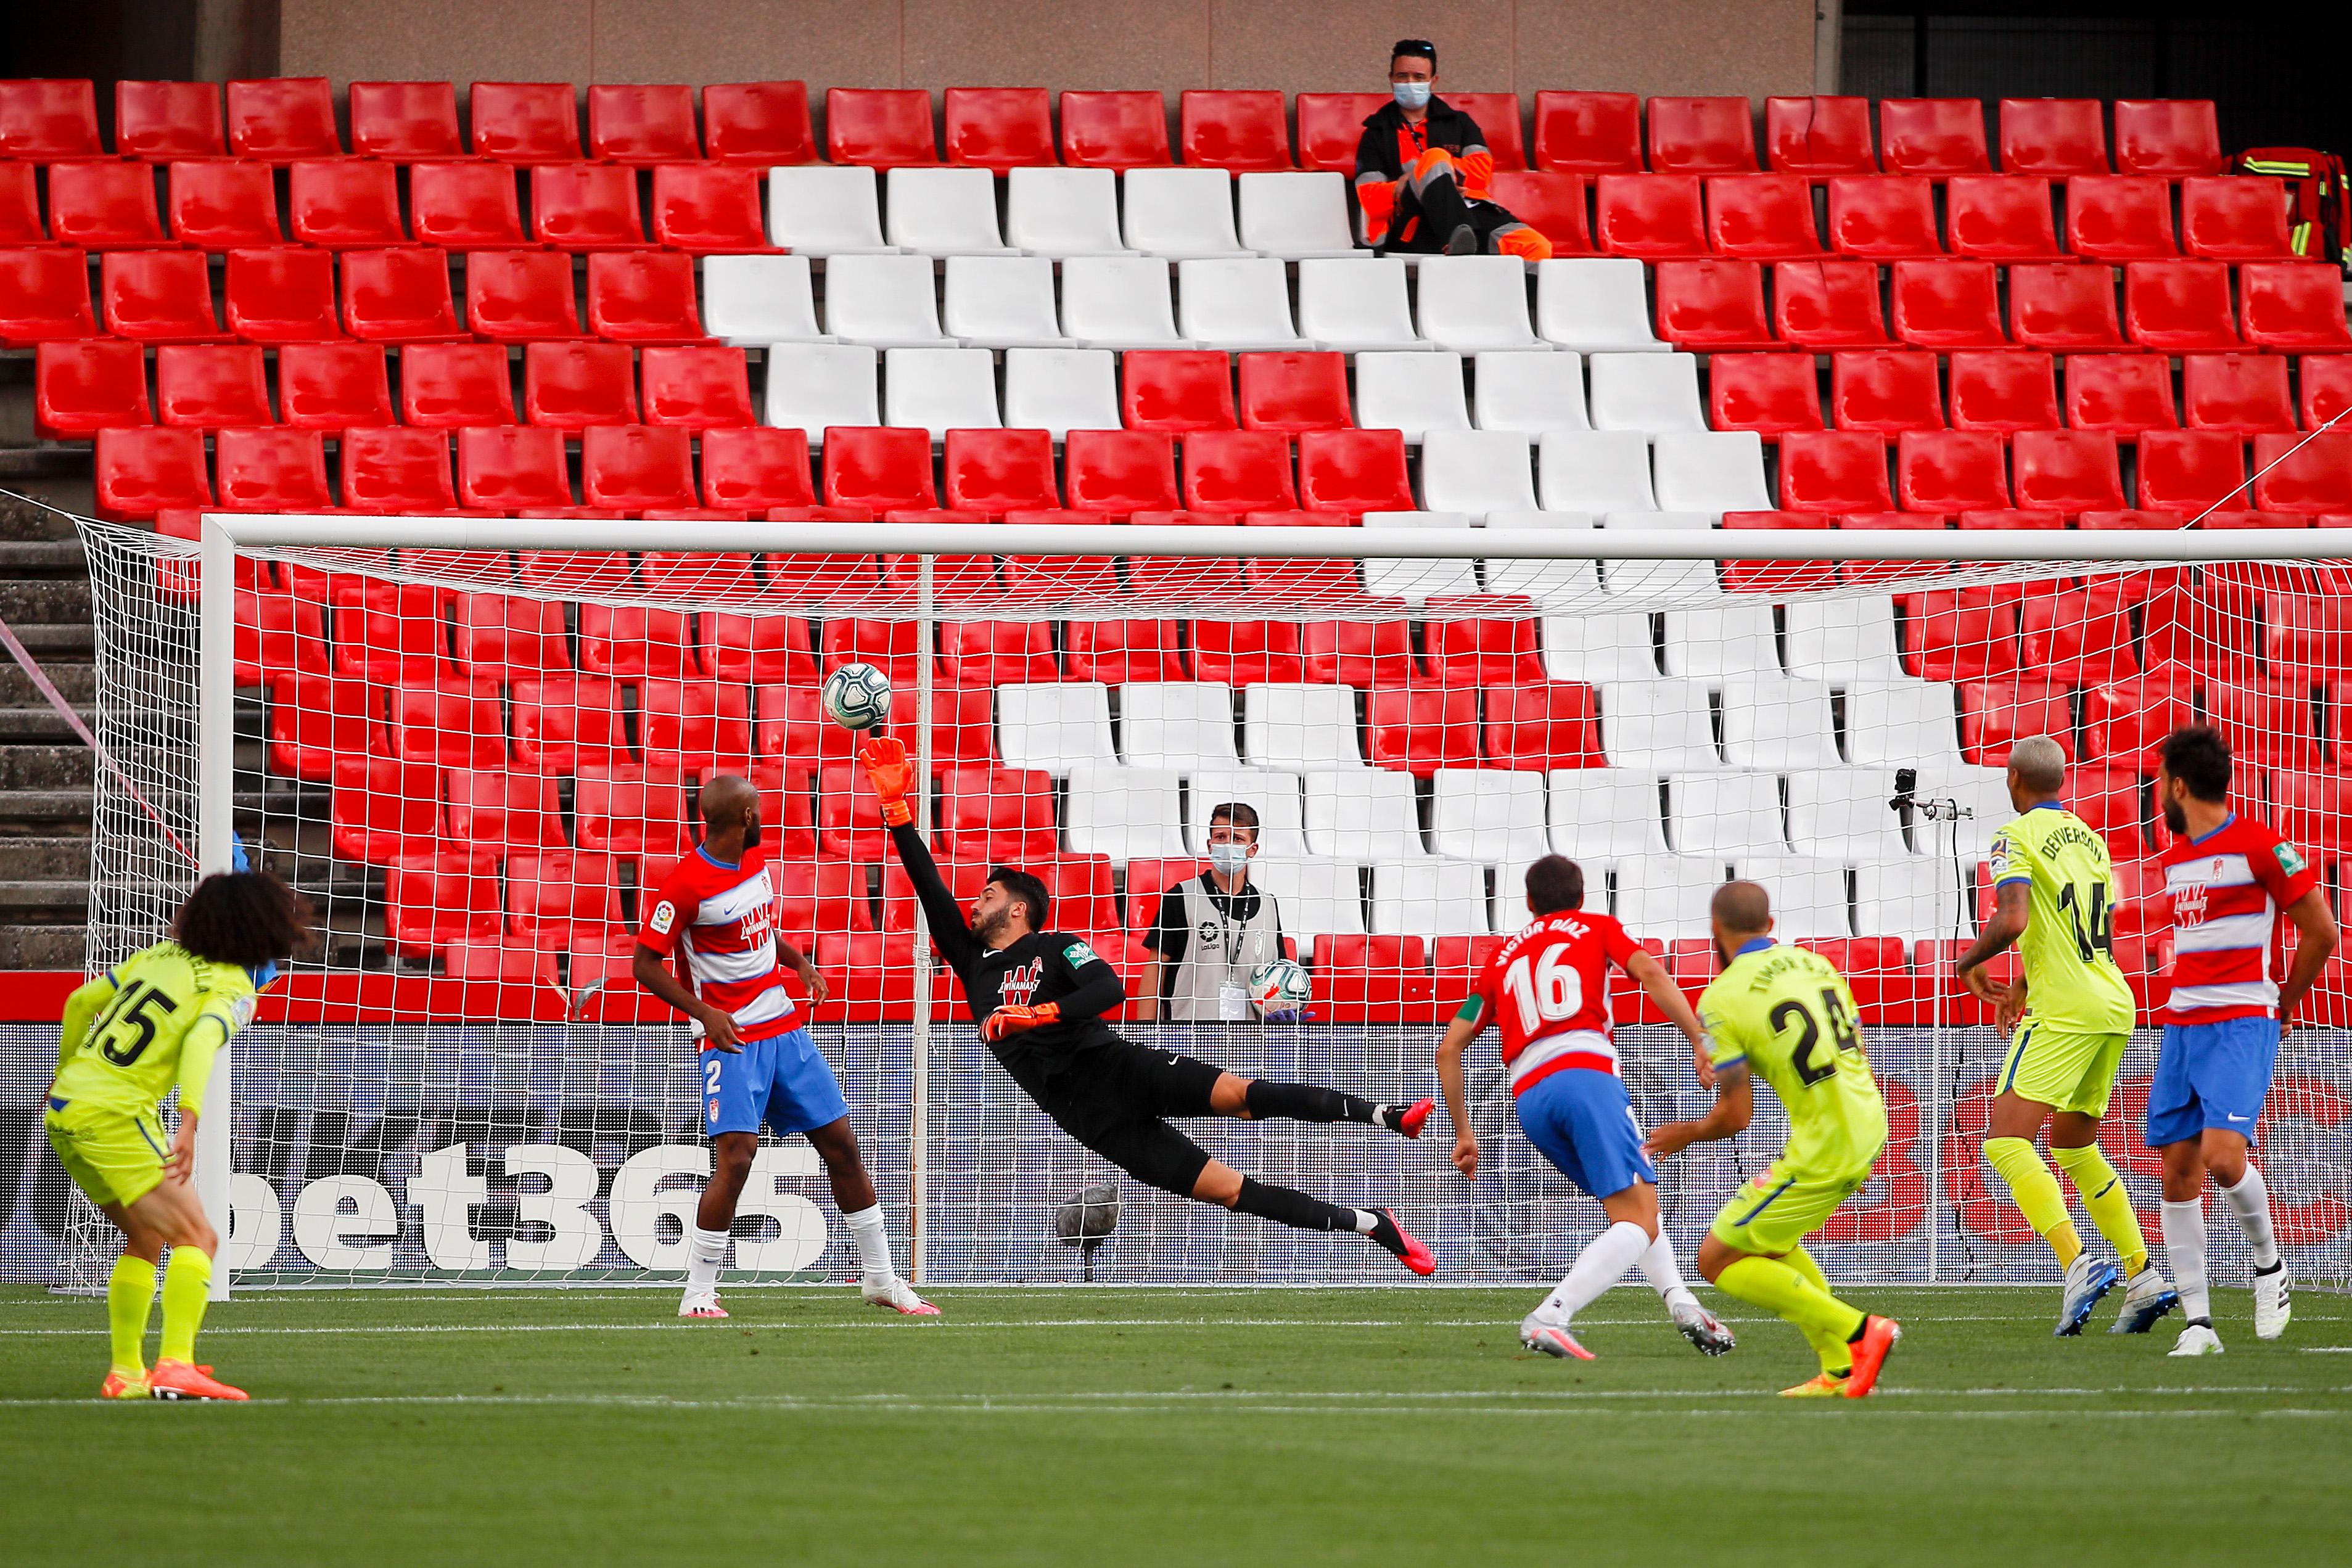 Granada football